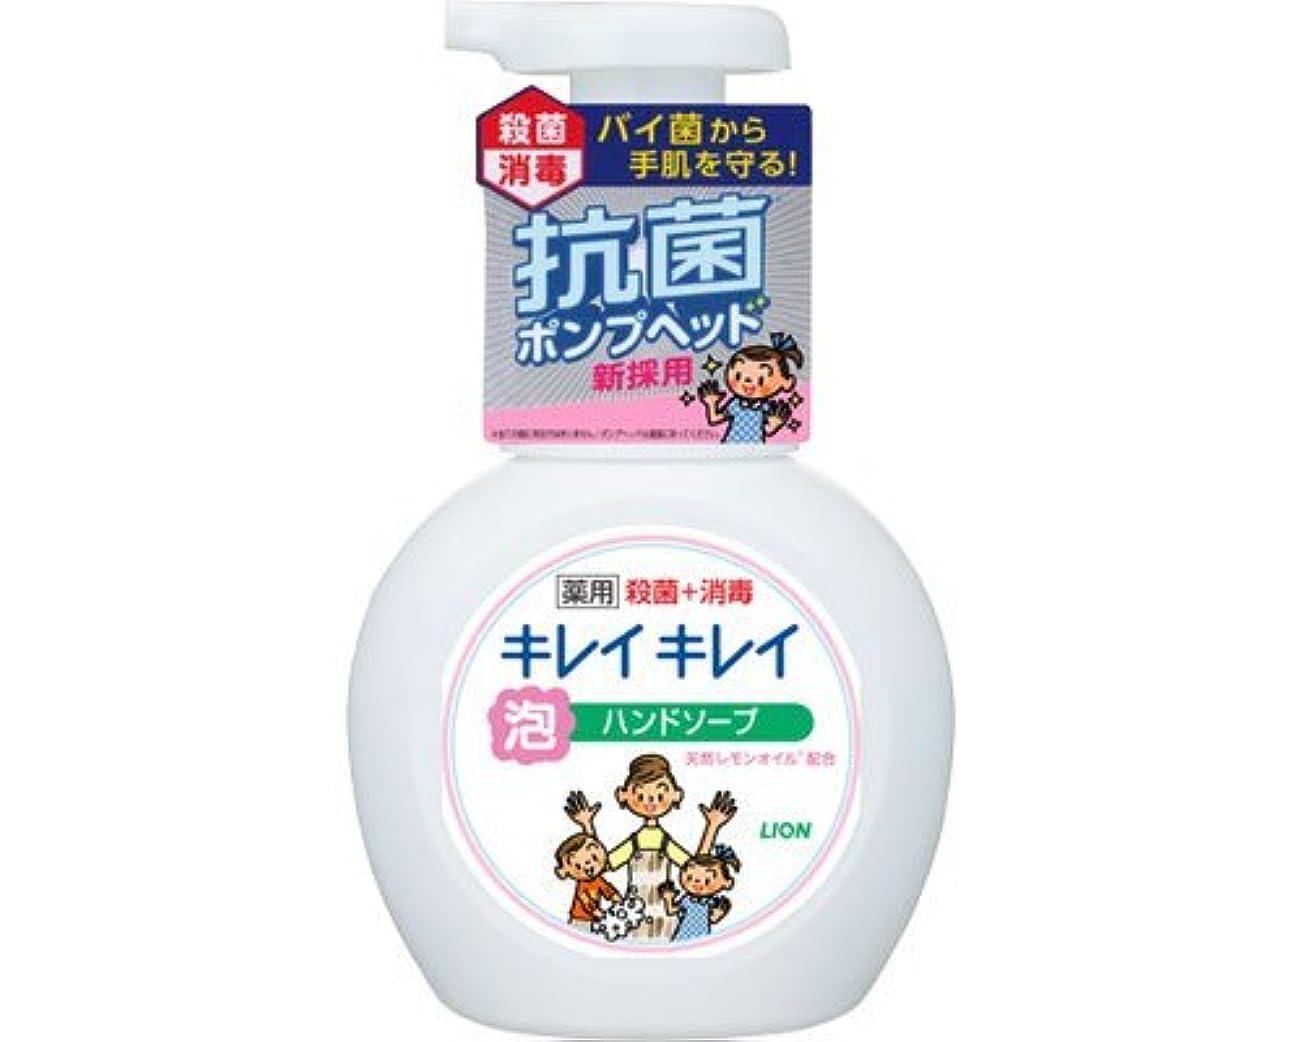 中断格差アラバマキレイキレイ薬用泡ハンドソープ 250mLポンプ (ライオン) (手指洗浄)